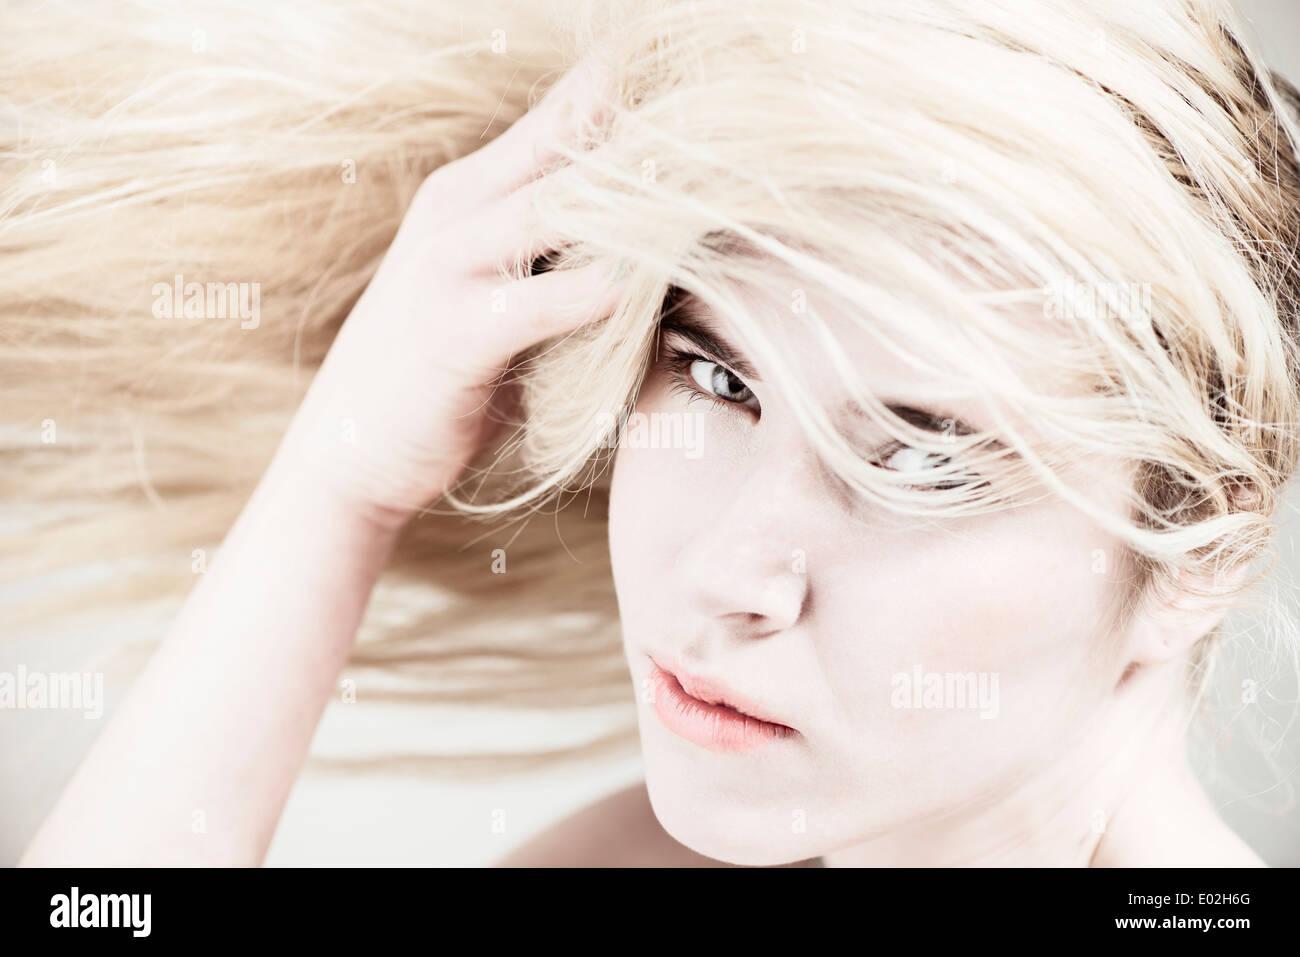 Hermosa joven mujer rubia con el pelo largo. Mostrar expresión de enfriar la actitud y personalidad. Imagen De Stock